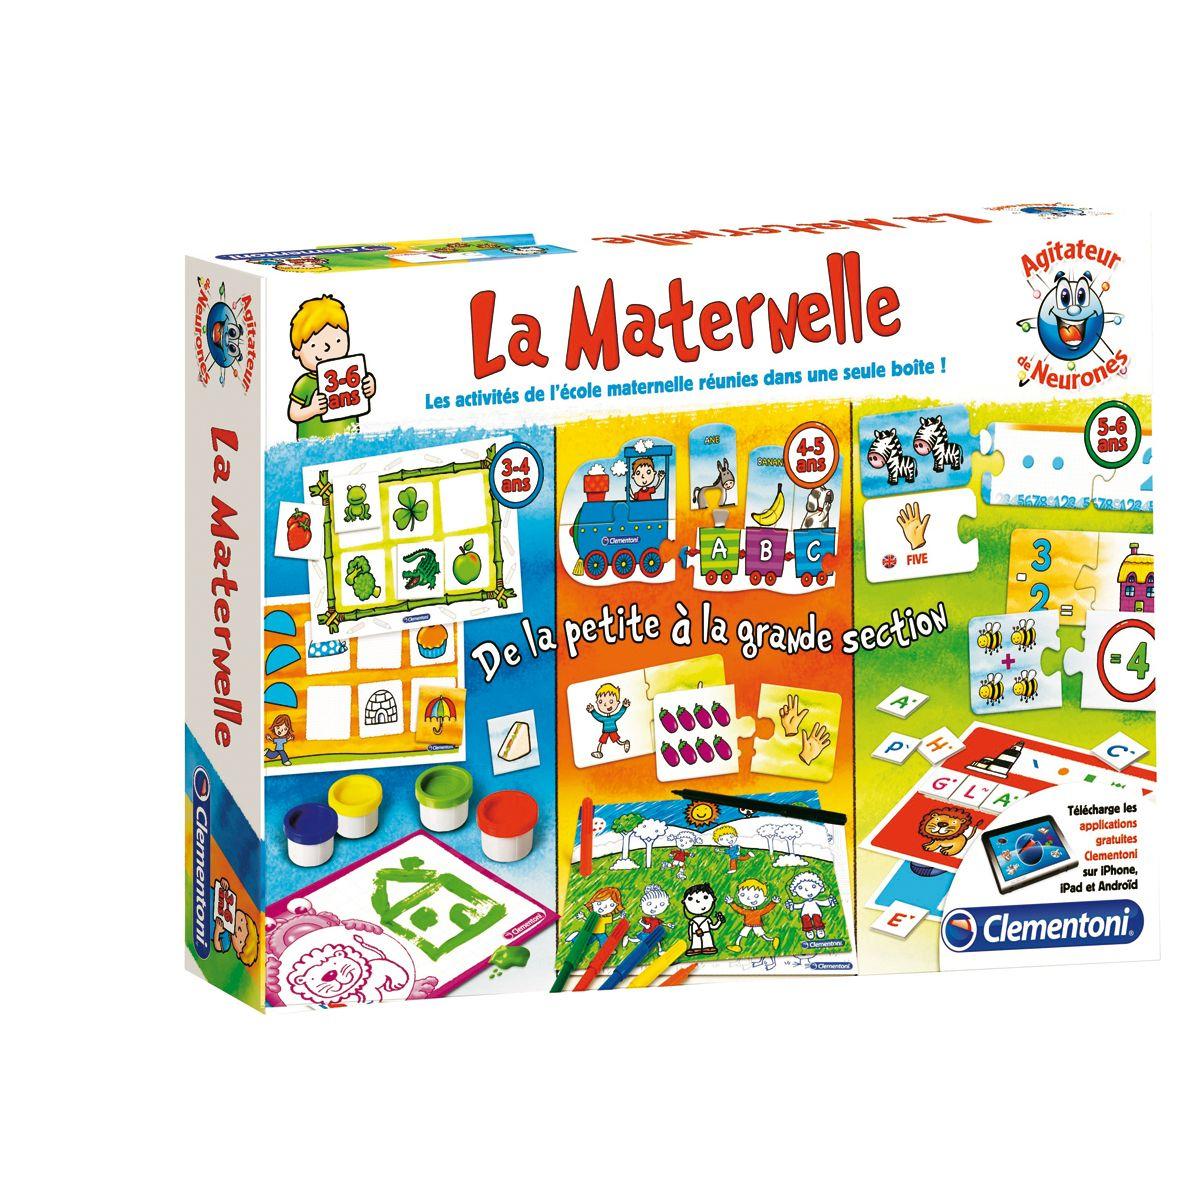 La Maternelle - 1Ers Apprentissages - La Grande Récré concernant Jeux Educatif Petite Section